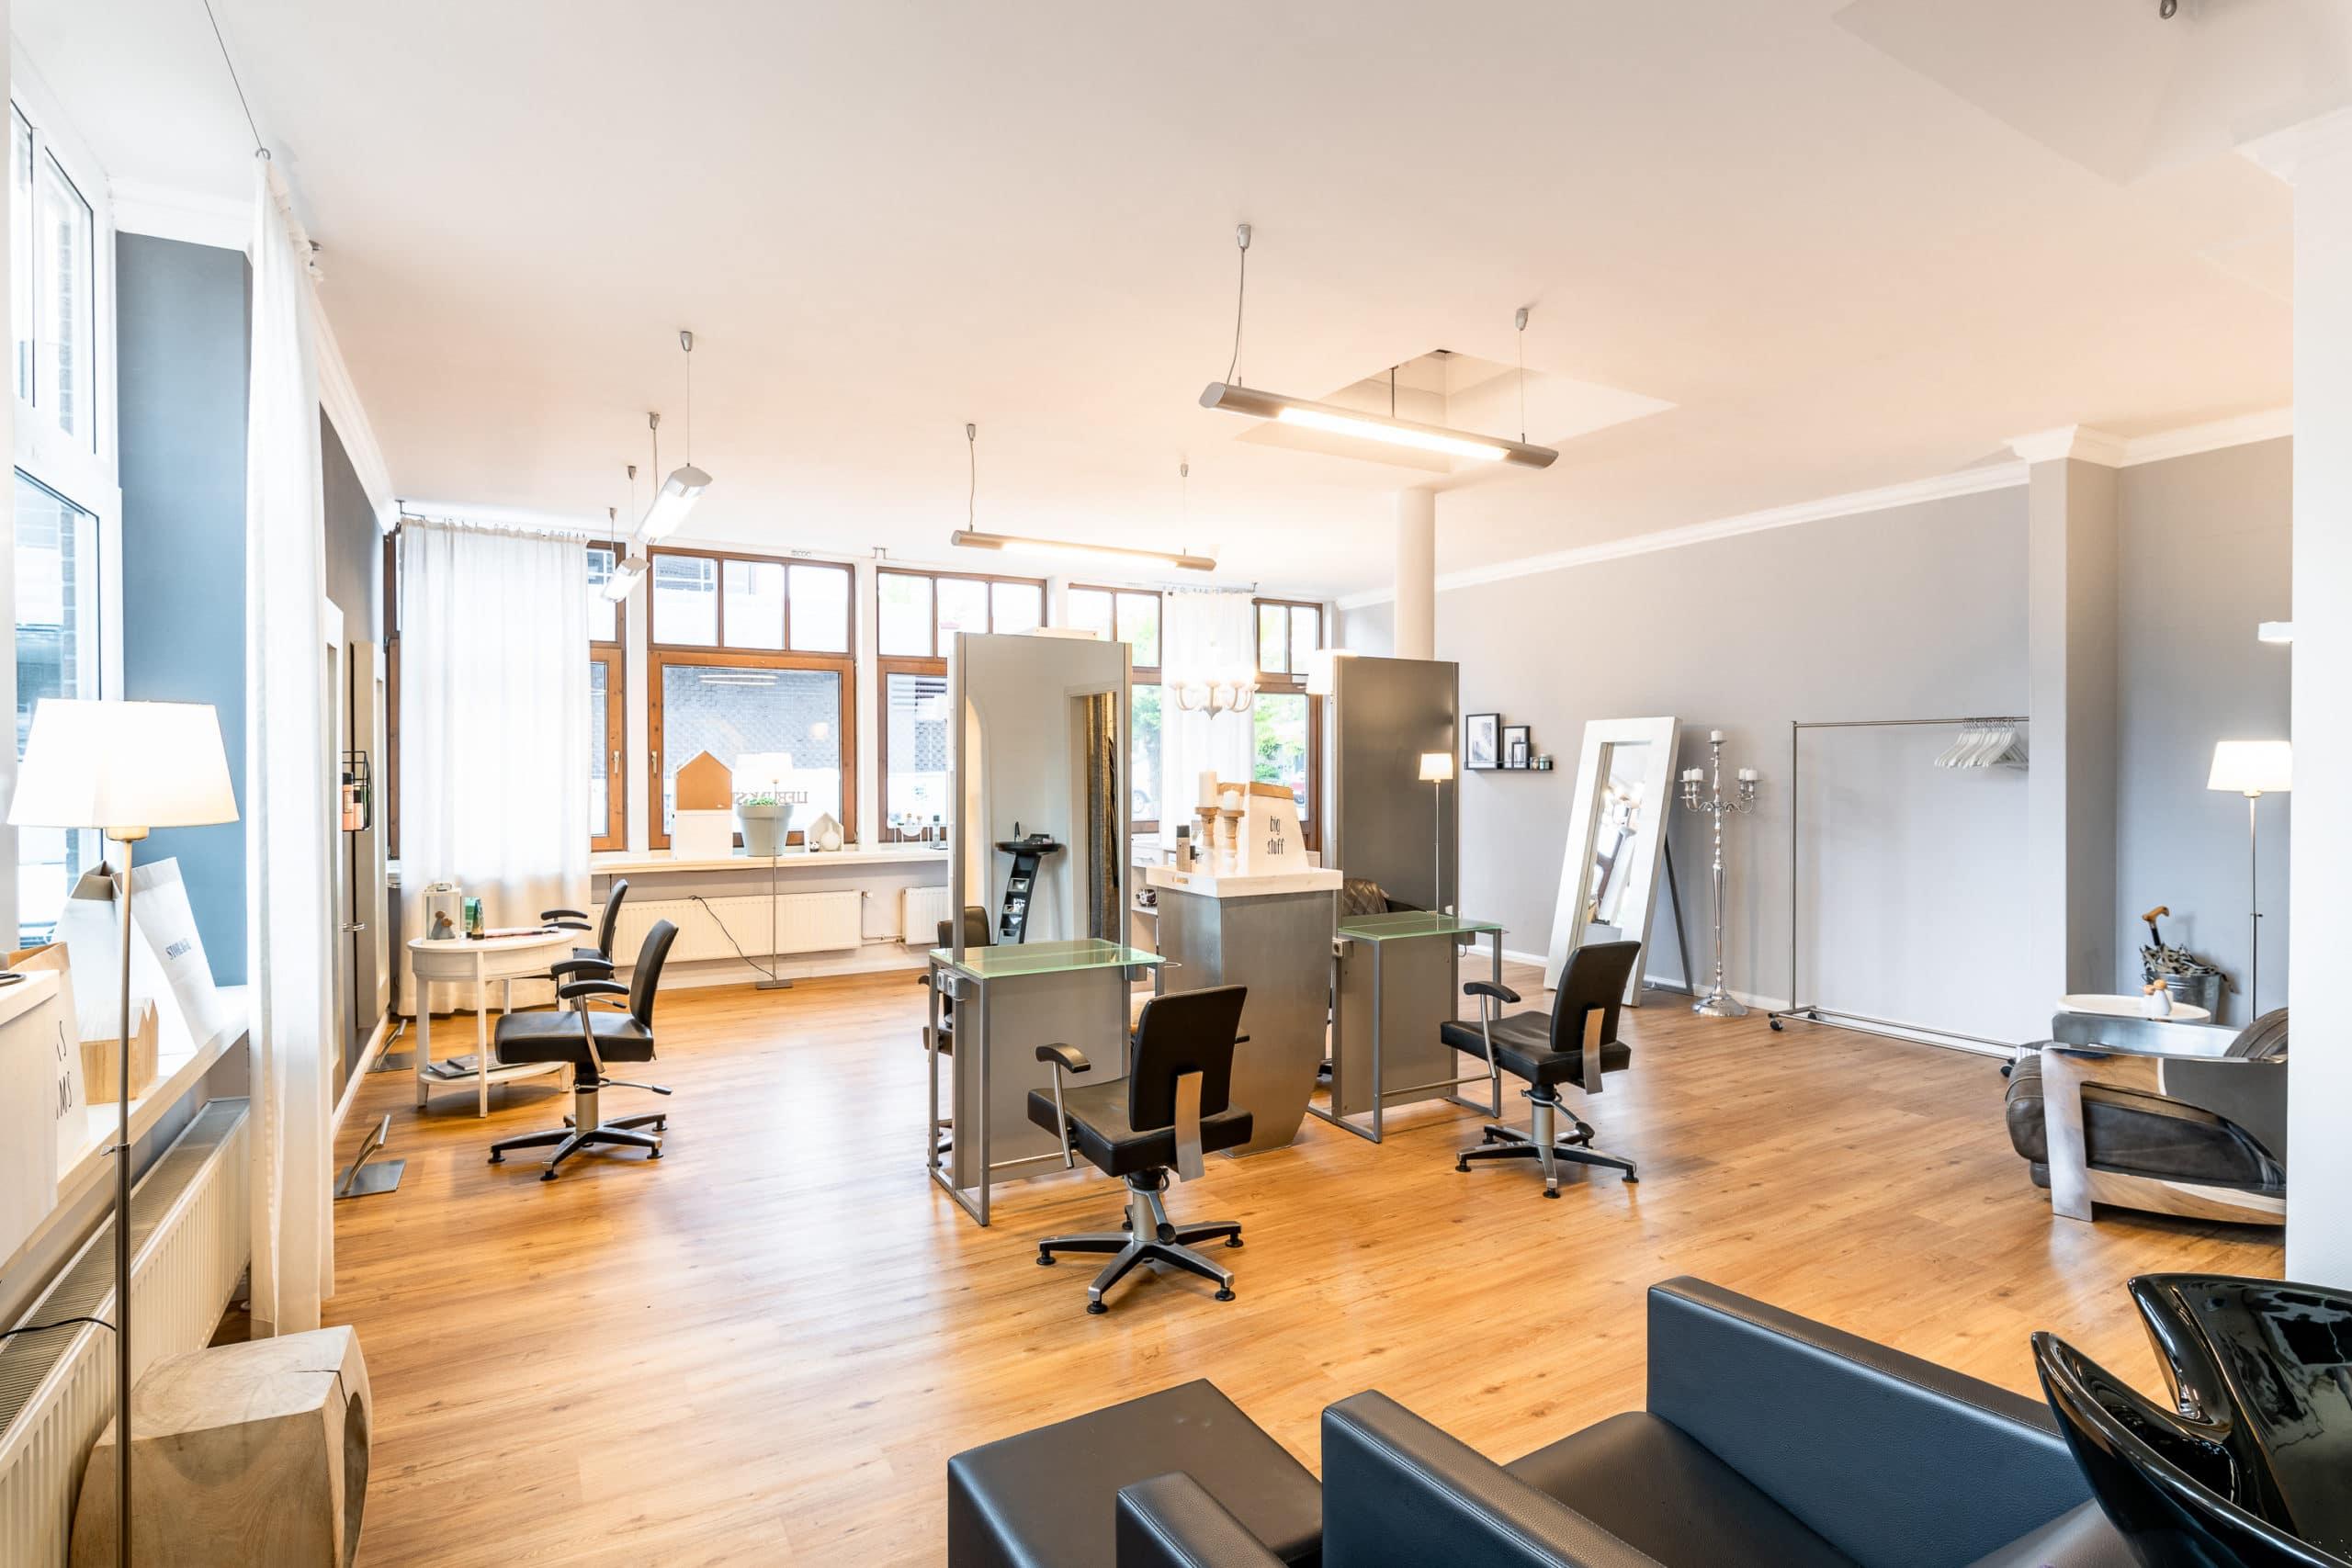 Einladend beleuchtete Innenaufnahme der Räumlichkeiten eines modernen Friseur Salons |Architekturfotograf für Unternehmensfotografie in Osnabrück Münster Bielefeld NRW Niedersachsen und bundesweit